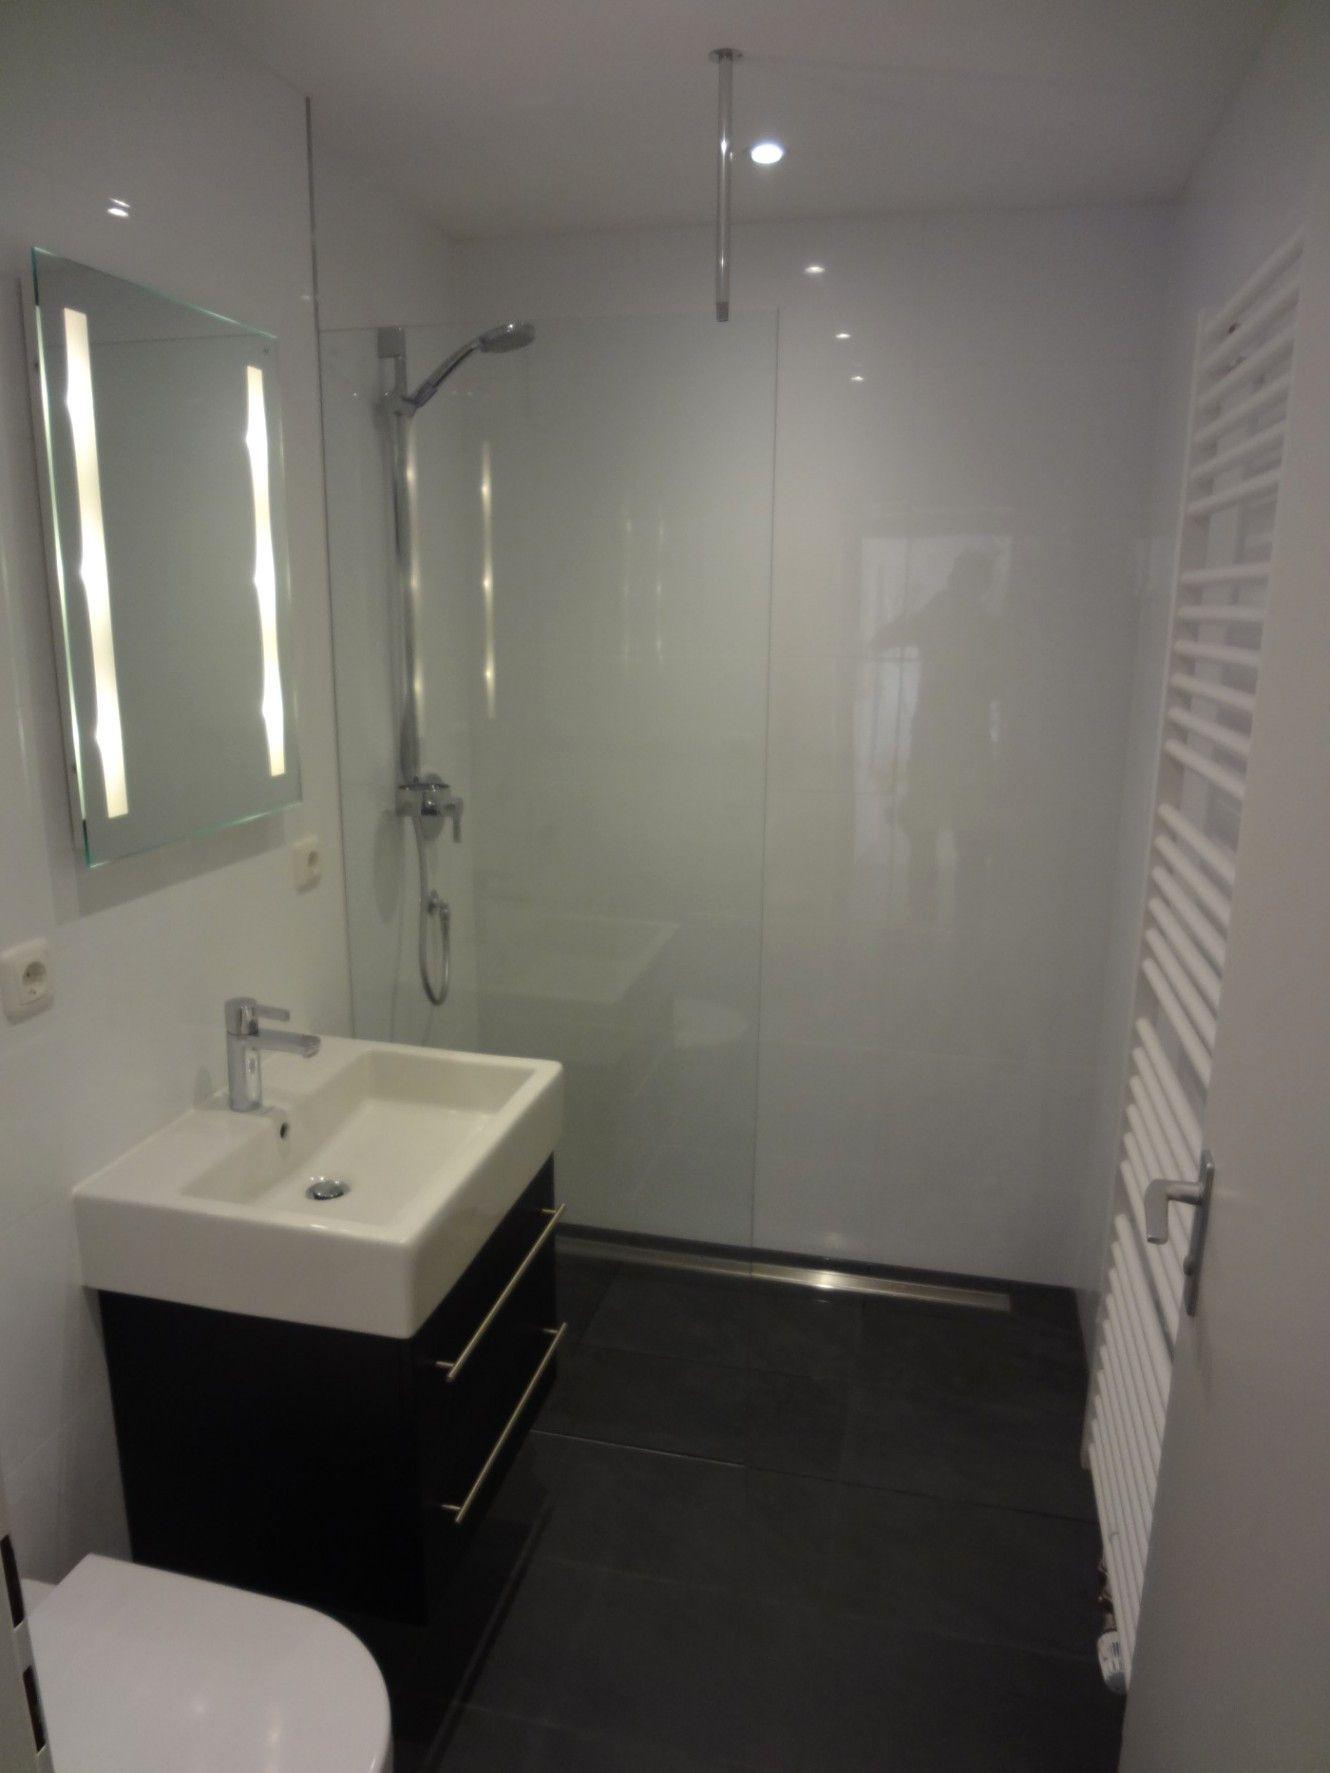 Schone Kleines Badezimmer Einrichten Elegant Badezimmer Kleine Kleines Atemberaubend Kleines Ba Bad Einrichten Kleine Badezimmer